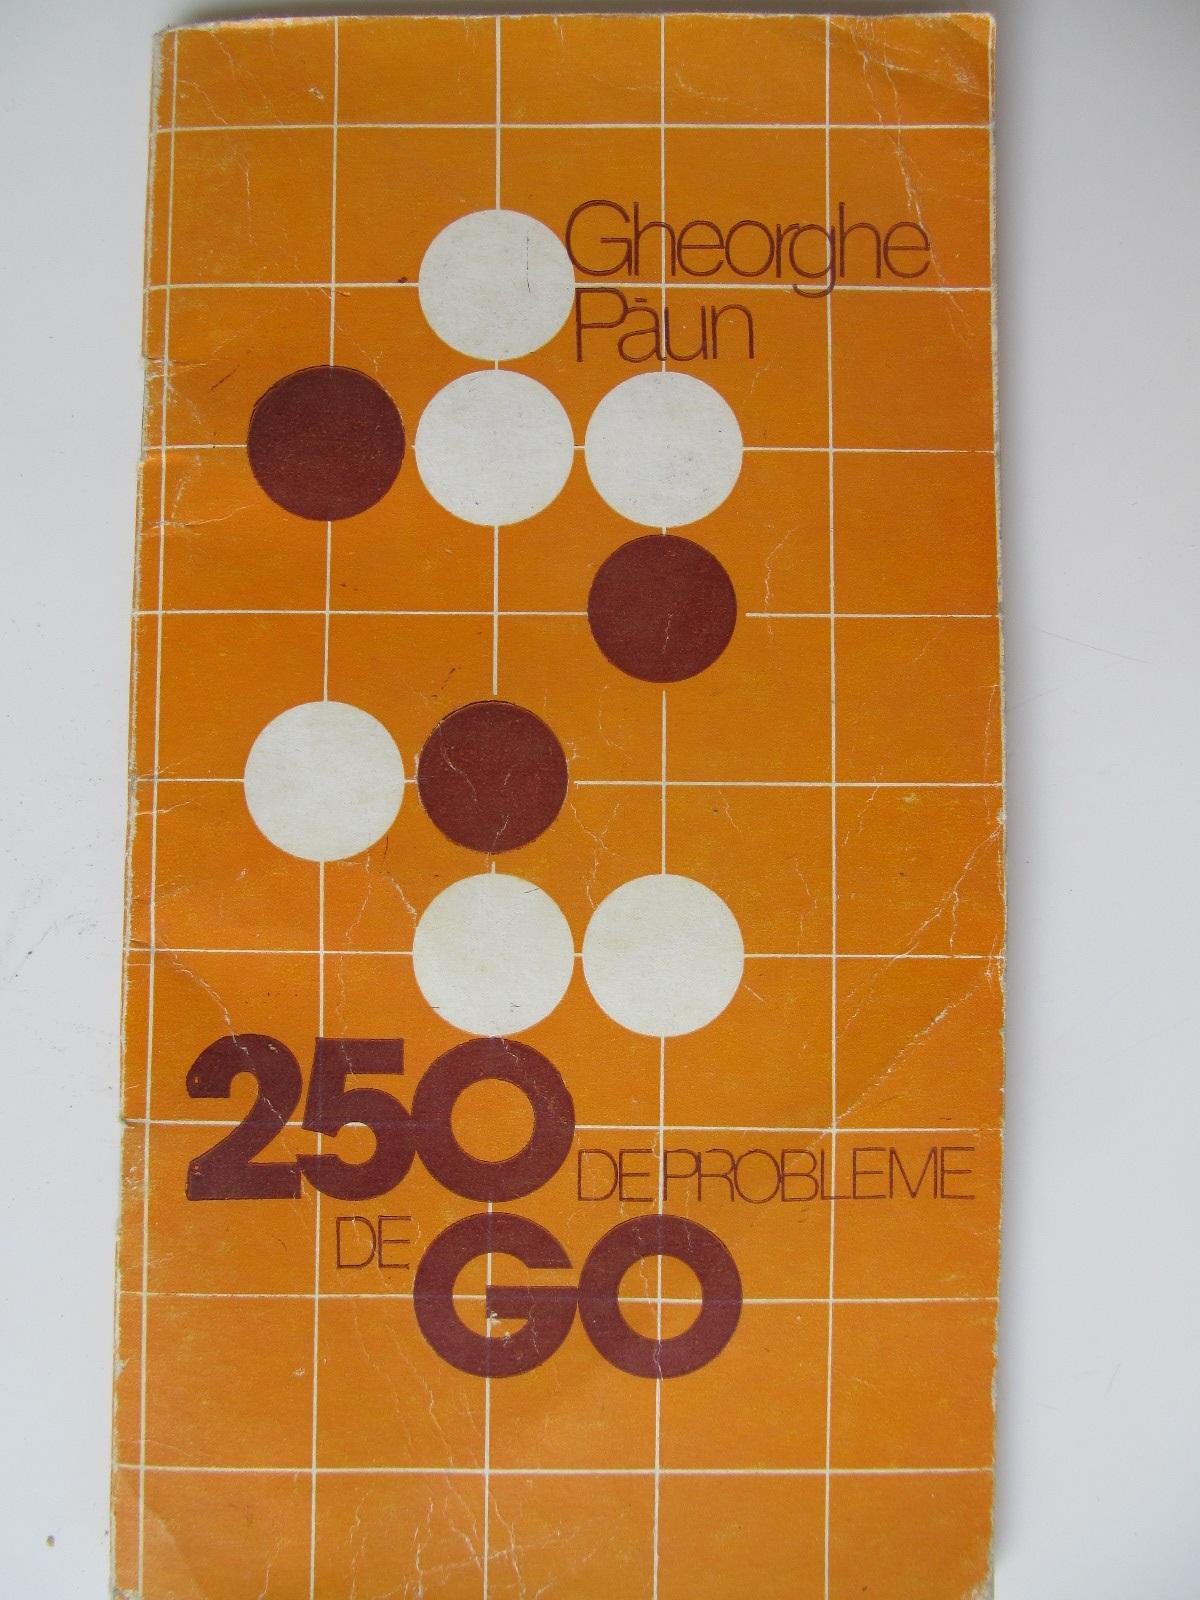 250 de probleme de Go - Gheorghe Paun | Detalii carte